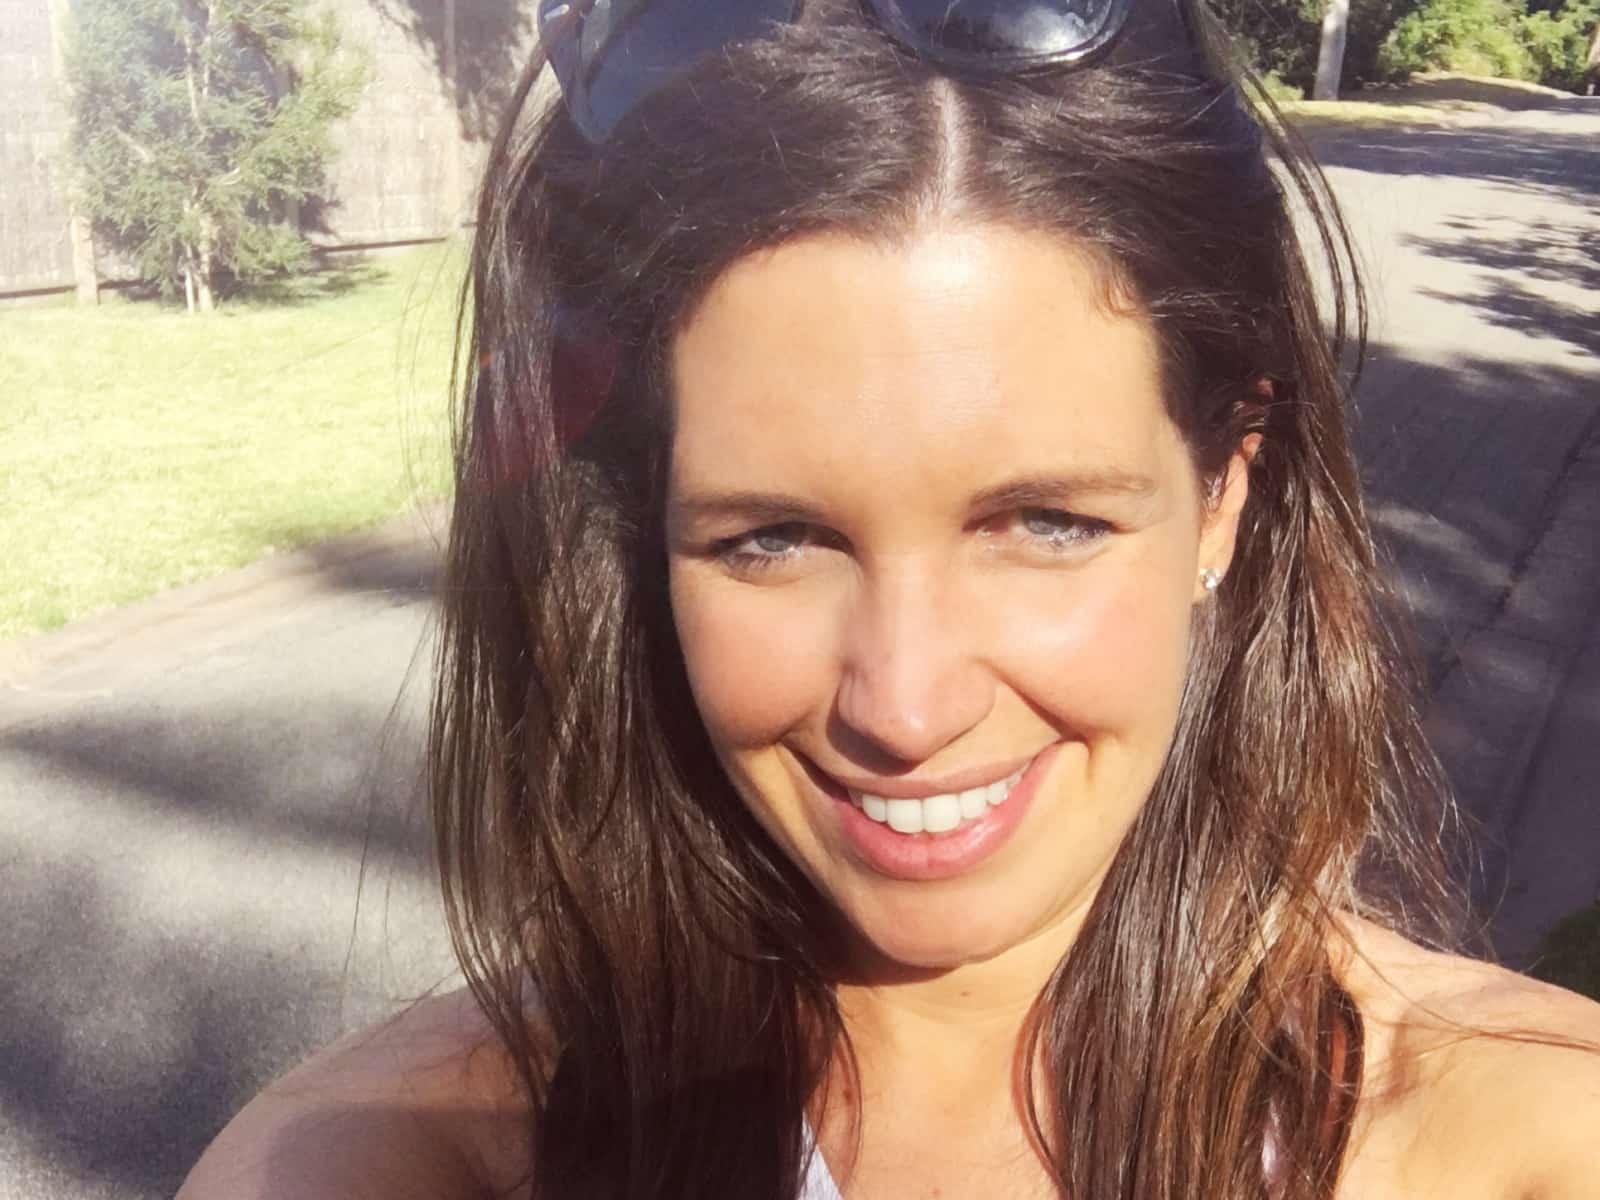 Celeste from Toorak, Victoria, Australia